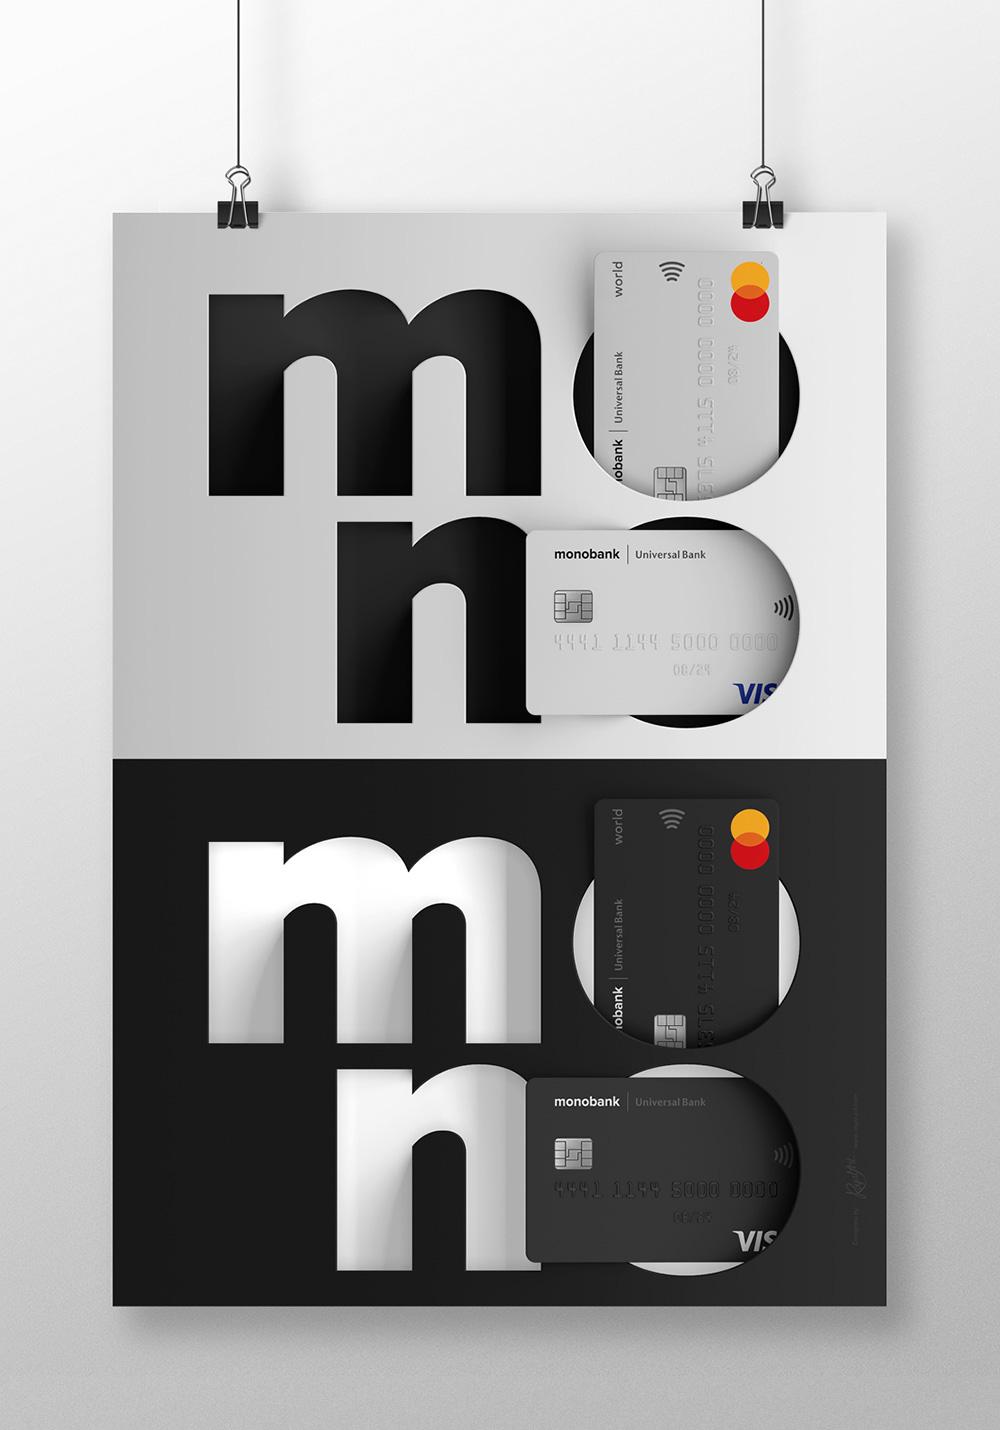 Карты mono. Белая карта и черная карта monobank VISA и Mastercard. Дизайн плаката для офиса банка.